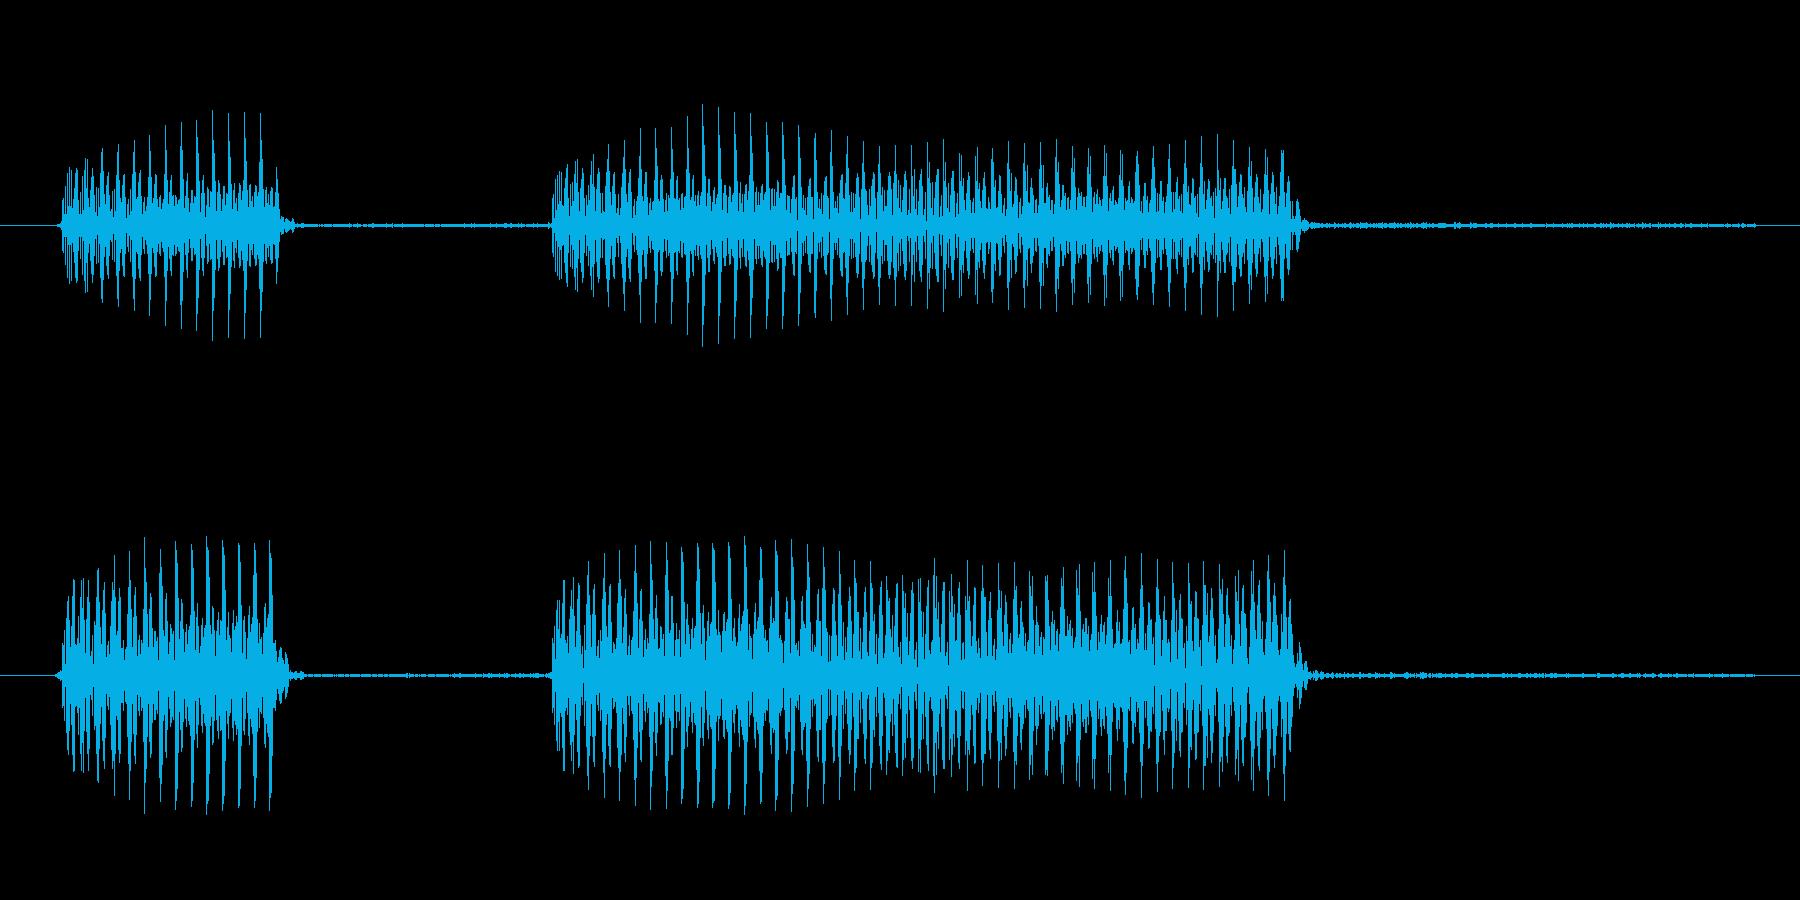 ゲーム、クイズ(ブー音)_012の再生済みの波形